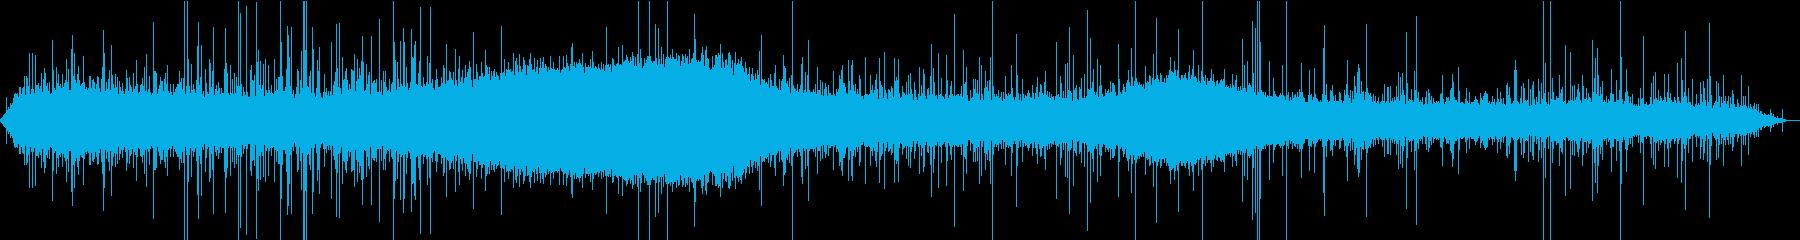 【生録音】街に降る綺麗な雨の音 2の再生済みの波形